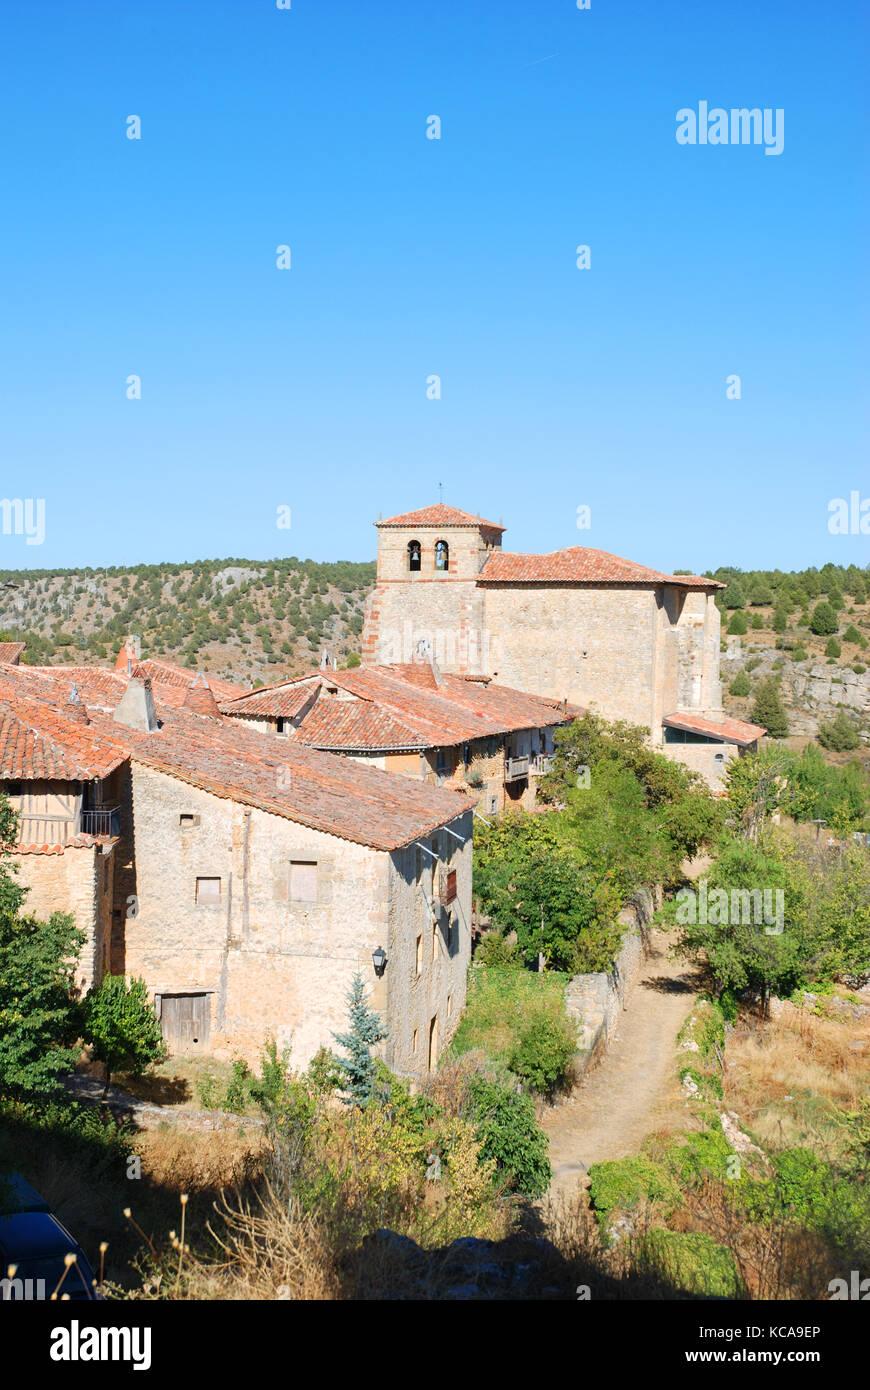 Calatañazor, Soria province, Castilla Leon, Spain. - Stock Image